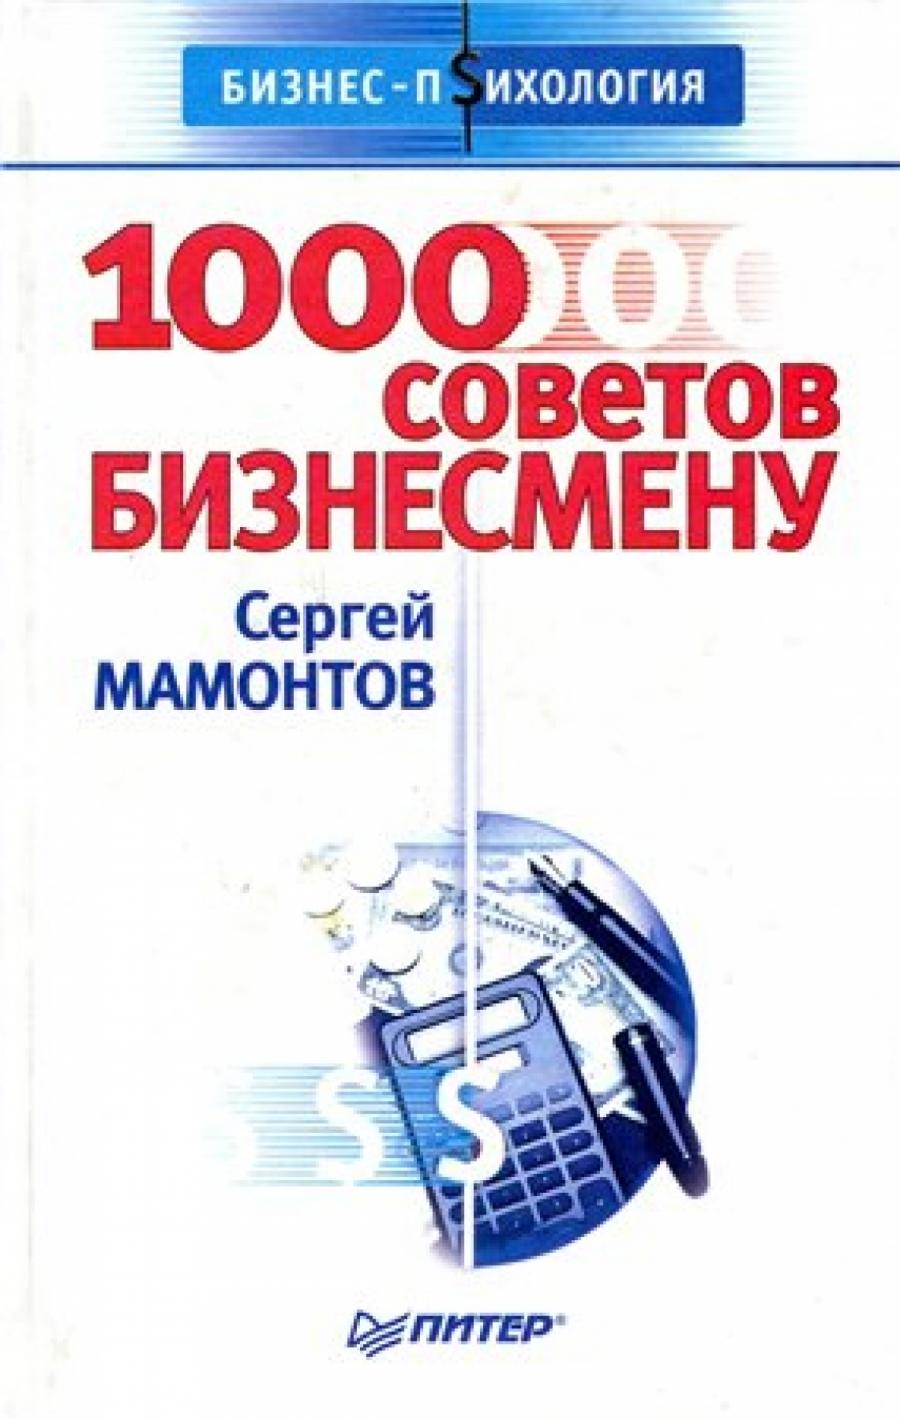 Обложка книги:  с. мамонтов - 1000 советов бизнесмену.